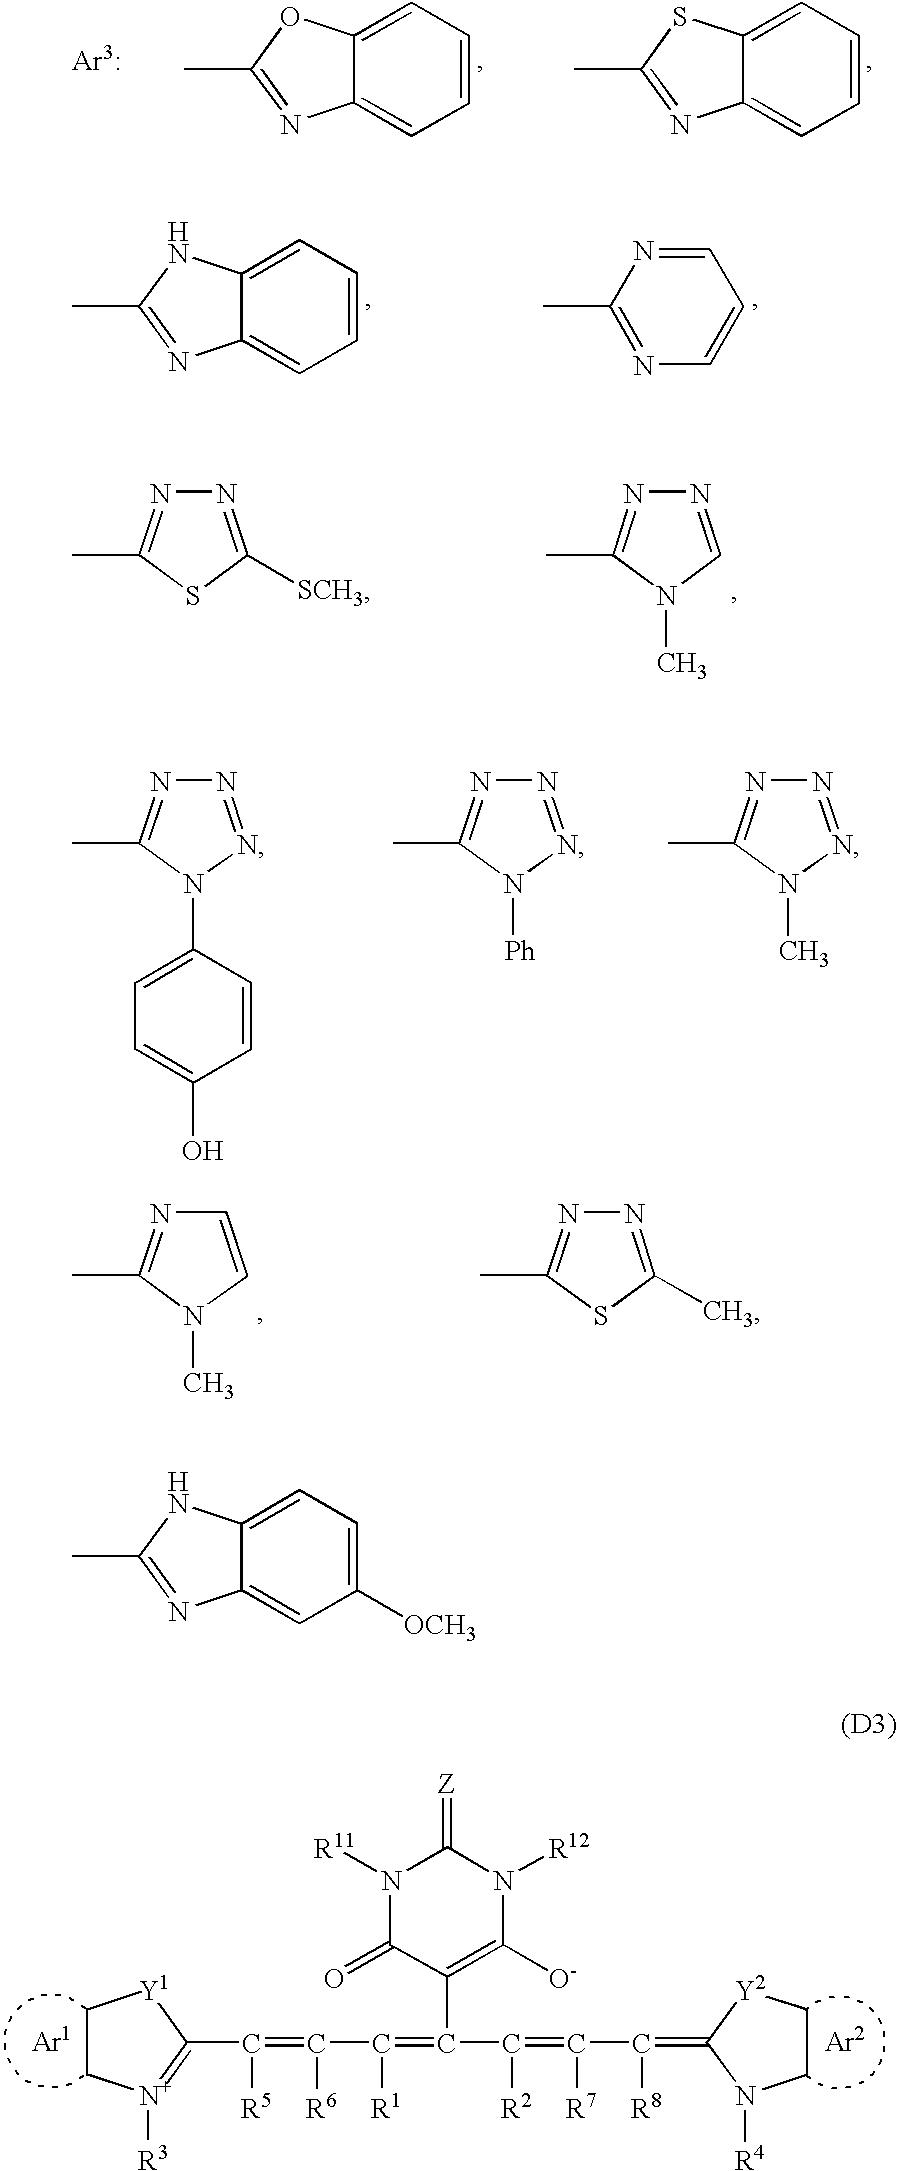 Figure US07910286-20110322-C00037